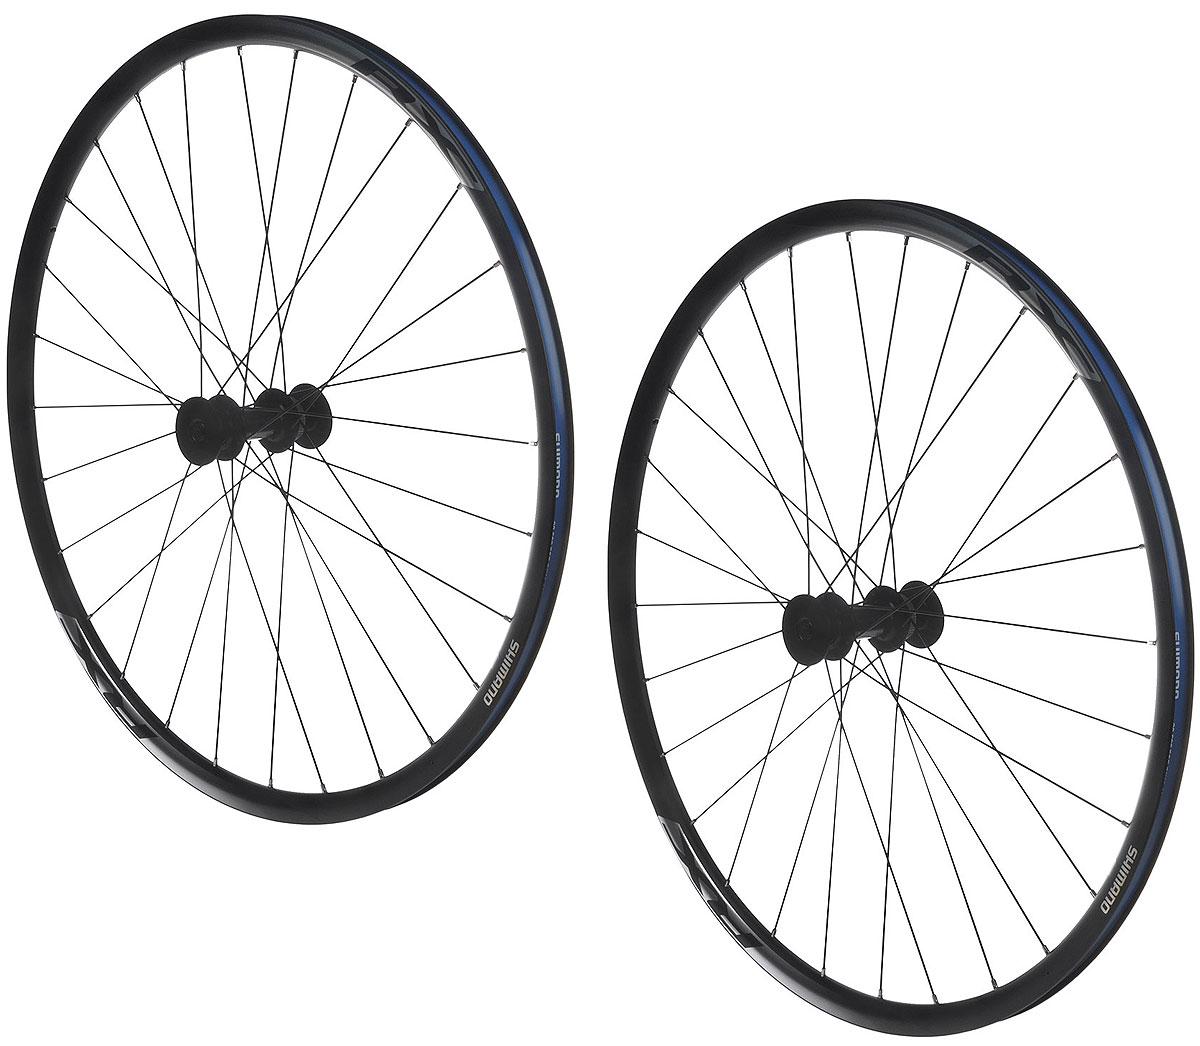 Комплект колес Shimano RX010, передних и задних, 700 с , 622-17C, 135 мм, цвет: черныйEWHRX010PDAEBКомплект колес Shimano предназначен для шоссейных и дорожных велосипедов. Подходят для катания в любых погодных условиях. Надежные и долговечные, выдерживают большую нагрузку. Имеют алюминиевые обода, ось и спицы из нержавеющей стали, ниппеля выполнены из латуни.Надежные подшипники увеличивают жесткость и обеспечивают длительный срок службы.Особенности:- Для 10/11 скоростей (10 со спейсером).- Крепление ротора: Center Lock.- Тип покрышек: клинчер.Высота обода: 24 мм.Внешняя ширина обода: 23 мм.Количество спиц: 28 шт.Длина оси передней втулки: 100 мм.Длина оси задней втулки: 135 мм.Размер покрышек: от 25 до 38-622 (700c).